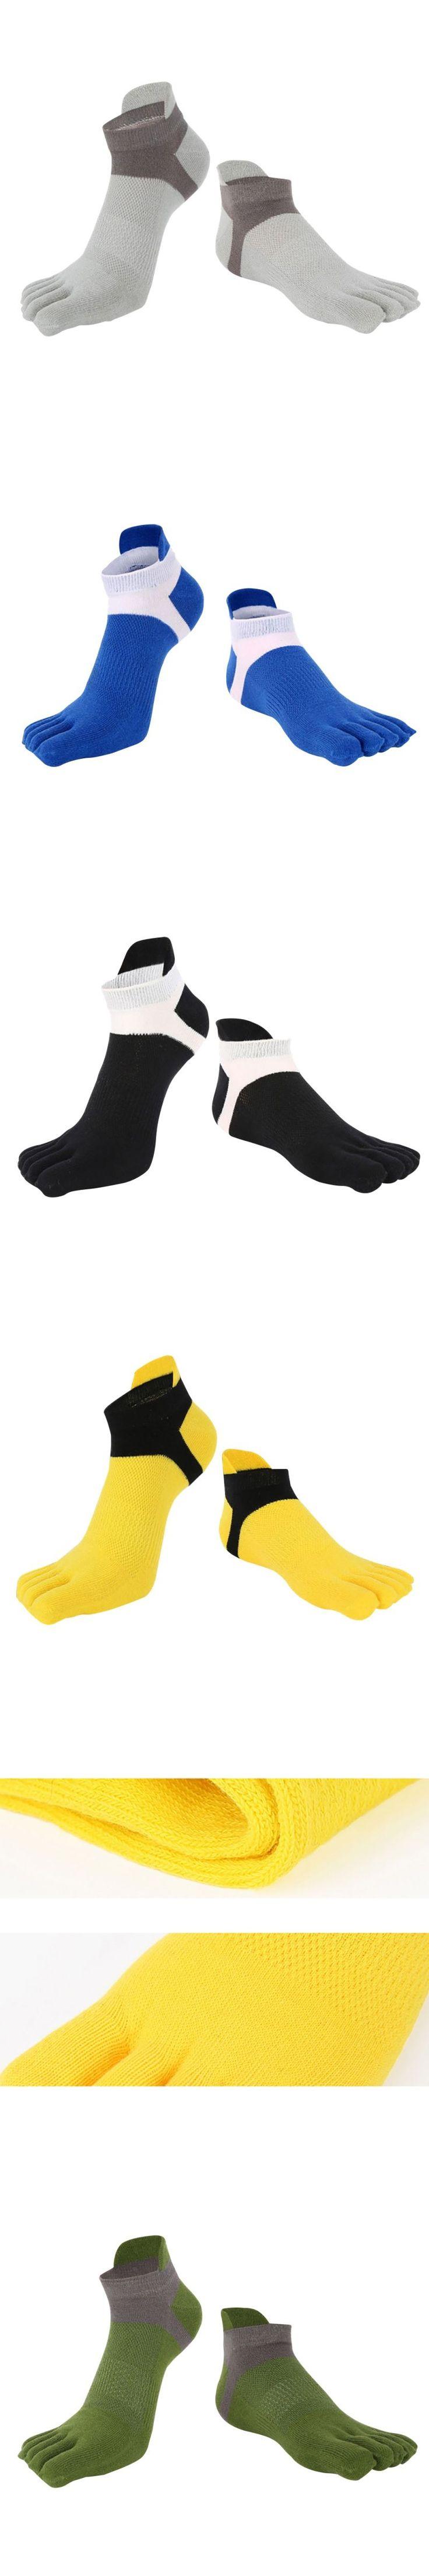 2017 New Men's Cotton Five Finger Toe Socks Deportes Short Tube Mesh Finger Meias Polyester Sock Correr Elasticity Sock M8